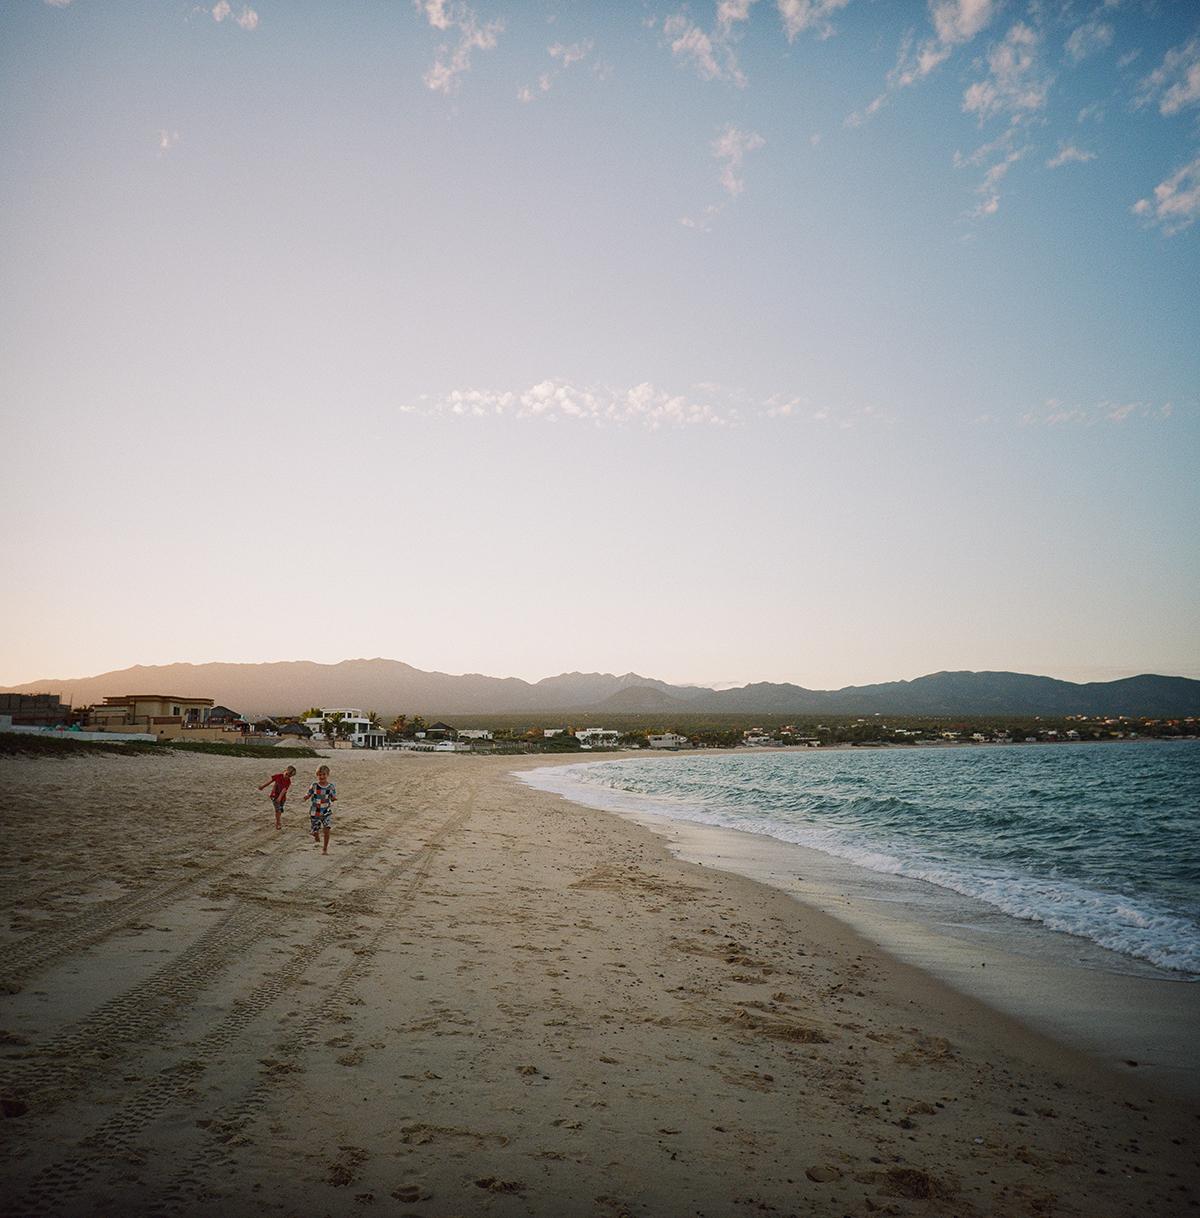 beach-000440260008-s